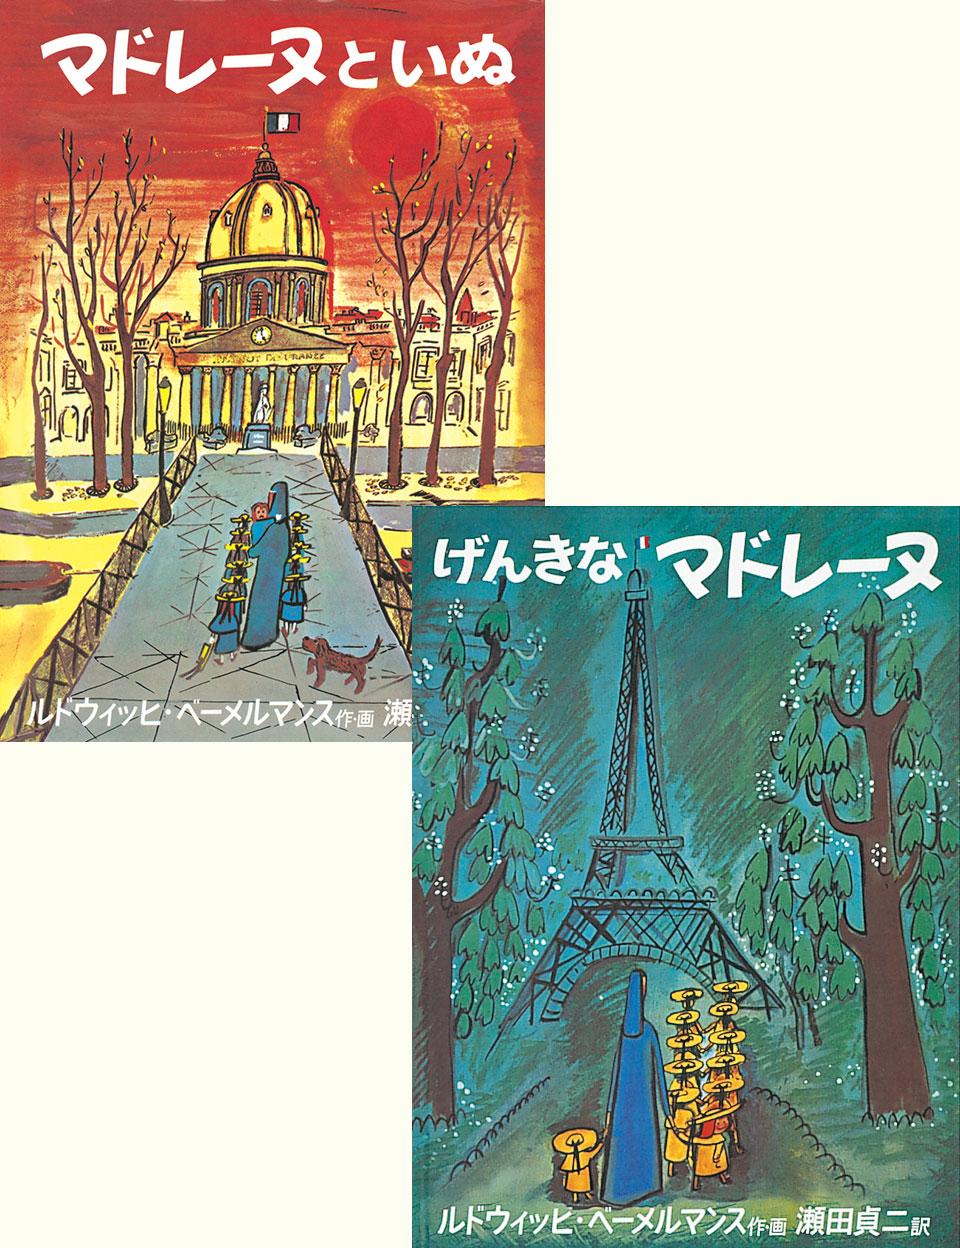 パリの寄宿学校で暮らす女の子を描いた『マドレーヌ』の絵本は、自由の匂いがする。